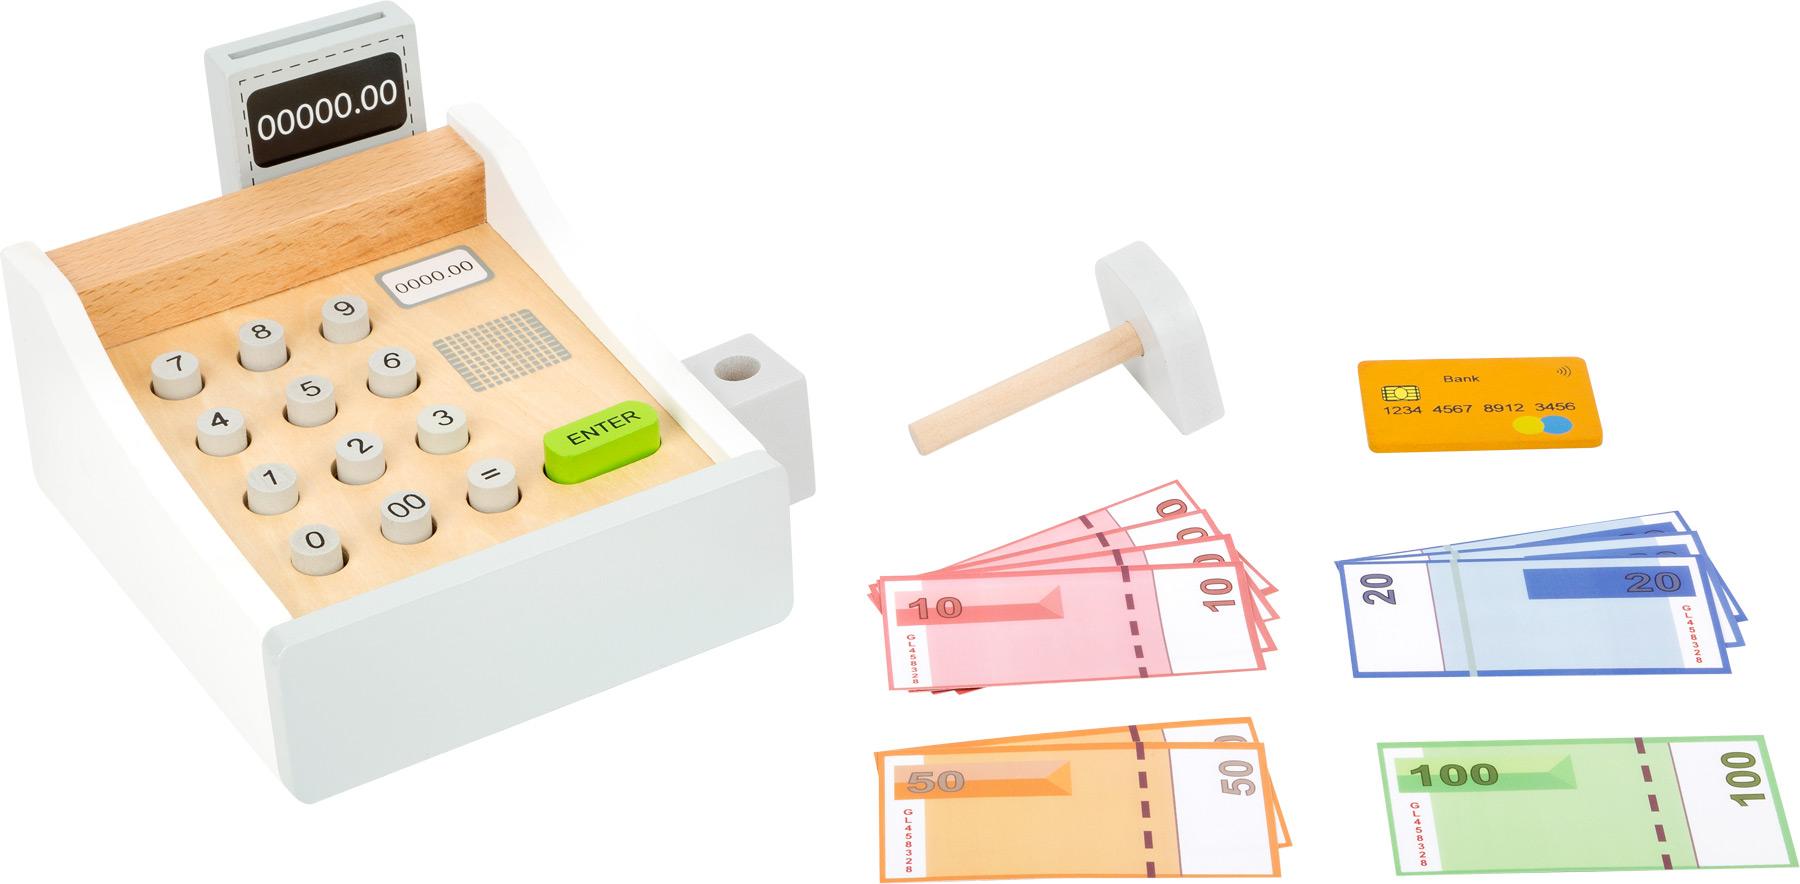 caisse enregistreuse en bois stands de merchandes jeux de r les products. Black Bedroom Furniture Sets. Home Design Ideas